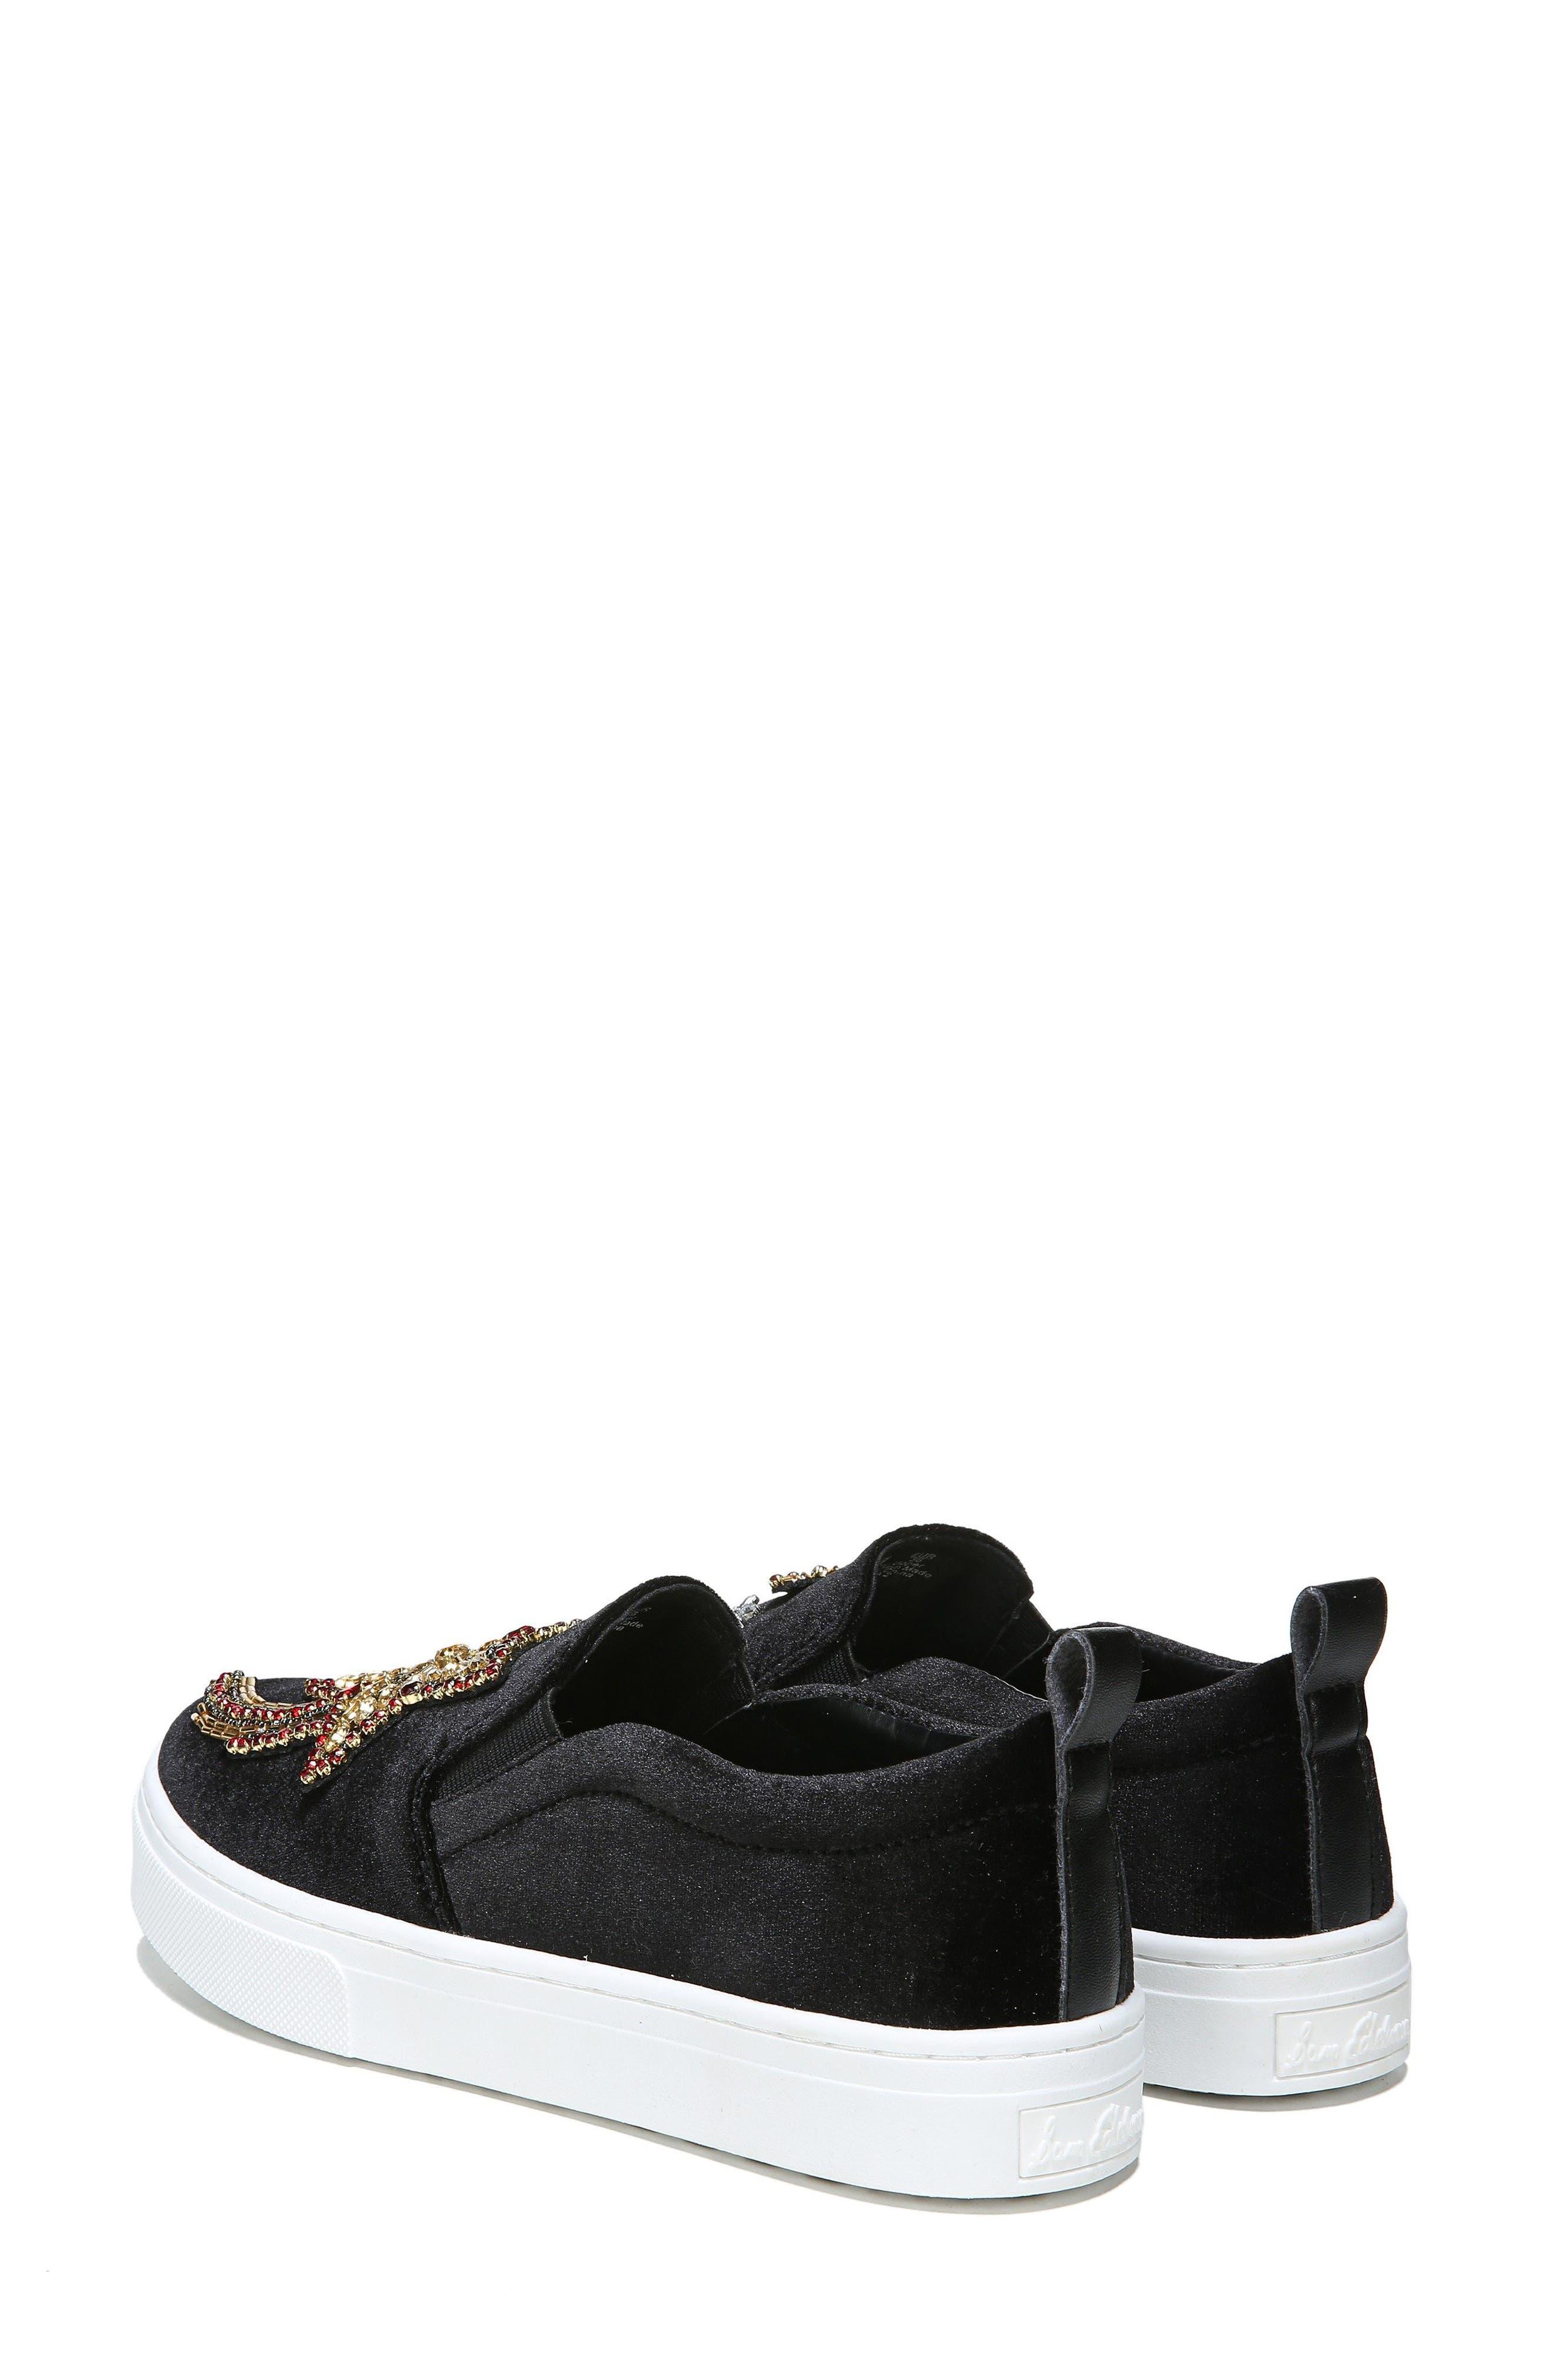 Leila Embellished Platform Sneaker,                             Alternate thumbnail 7, color,                             001